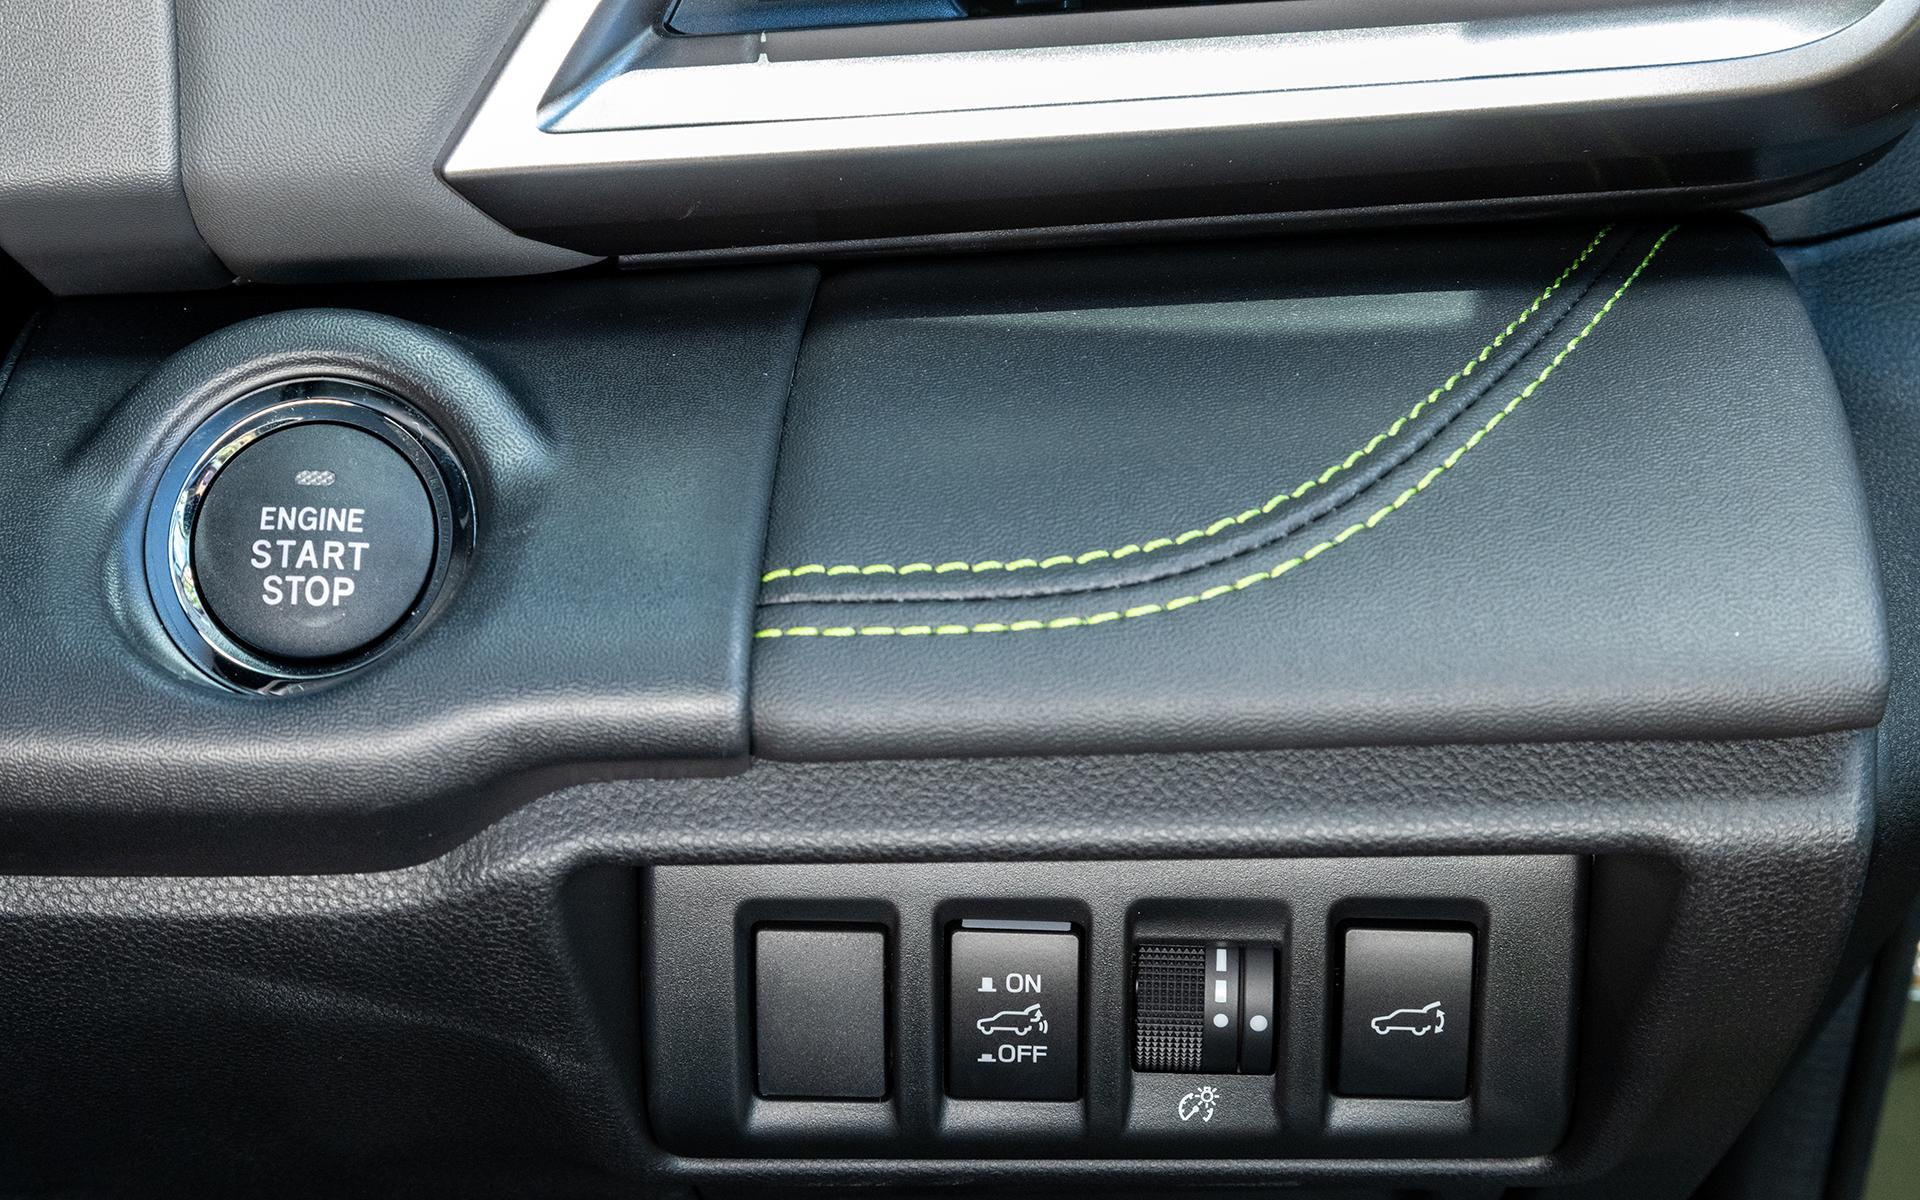 ステアリング左側にはスタート/ストップスイッチなど。ここにもエナジーグリーンのステッチがアクセントとして採用されている